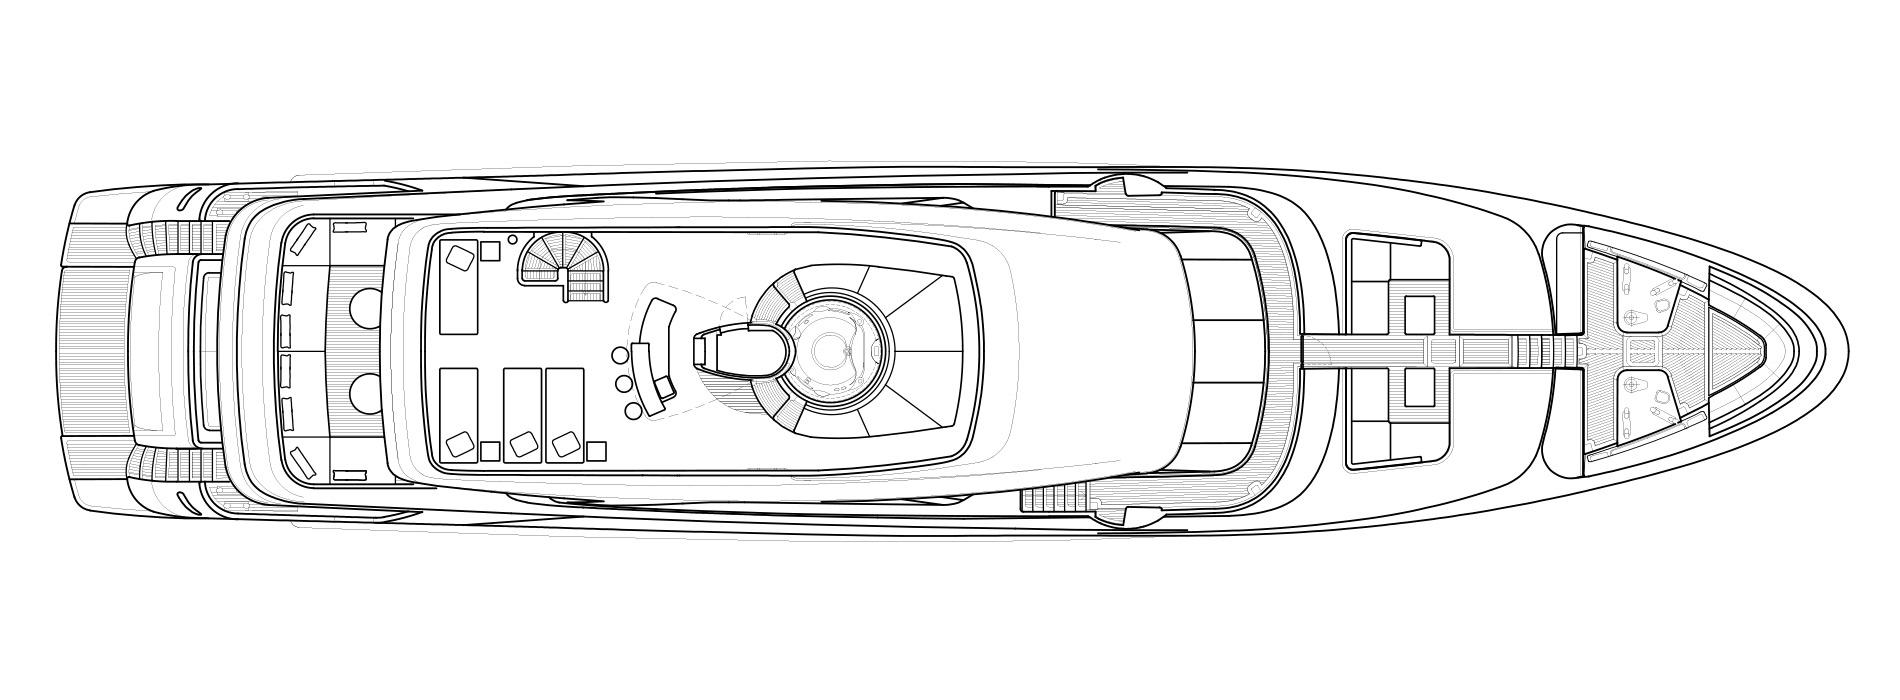 Sanlorenzo Yachts SD126 Außendeck Versione A